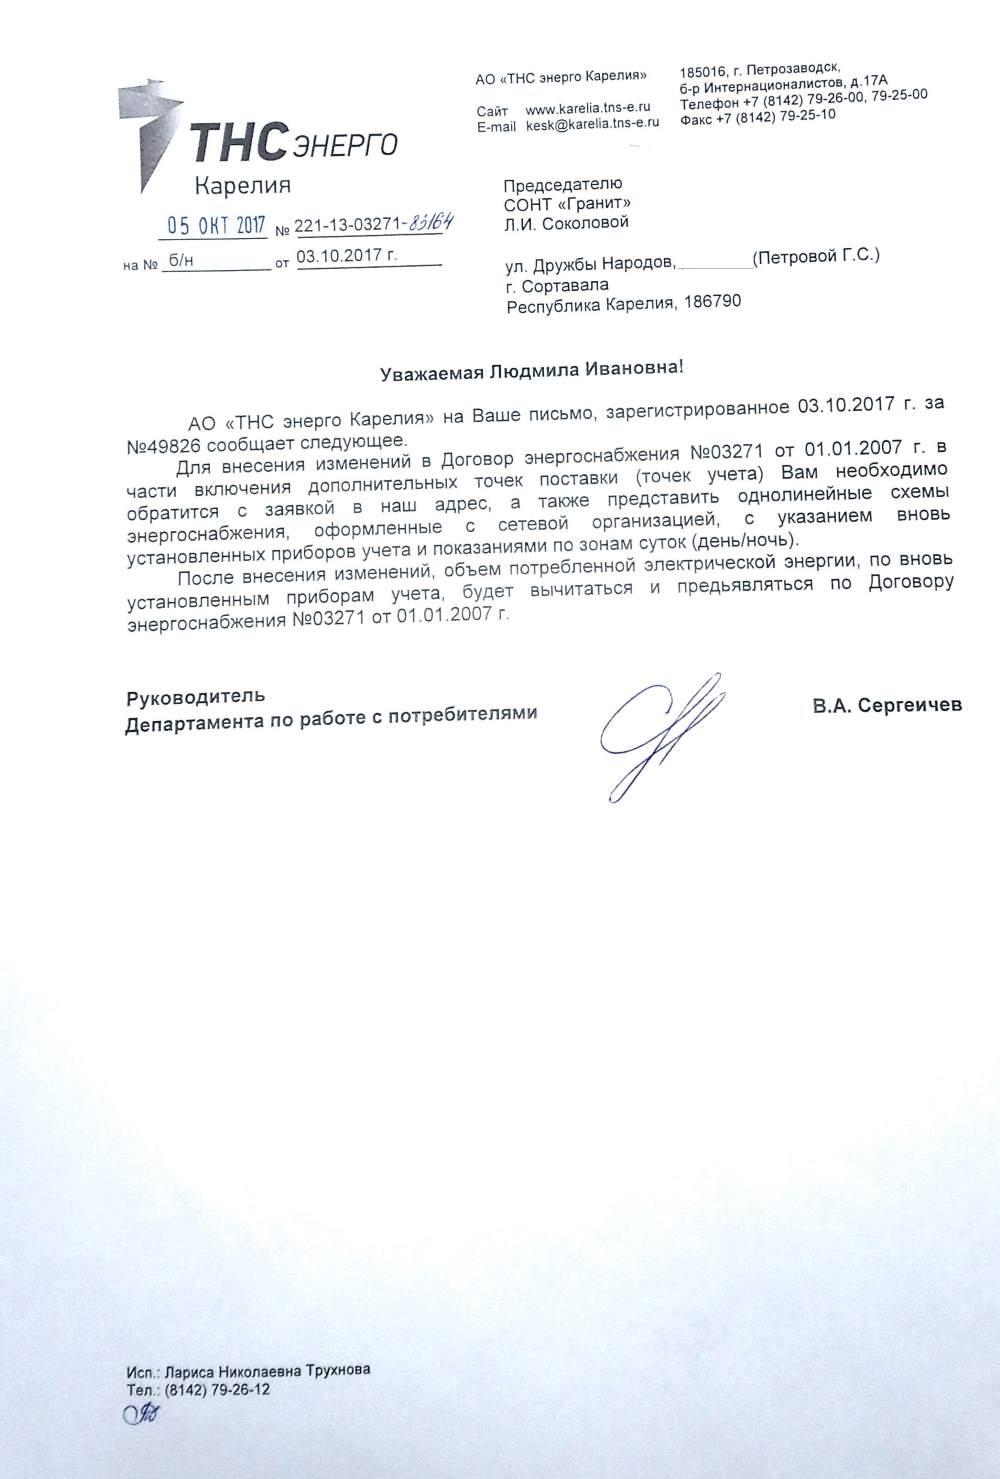 https://sontgranit.ru/forum/img/sokol/2017-10-16-09-10-46.JPG